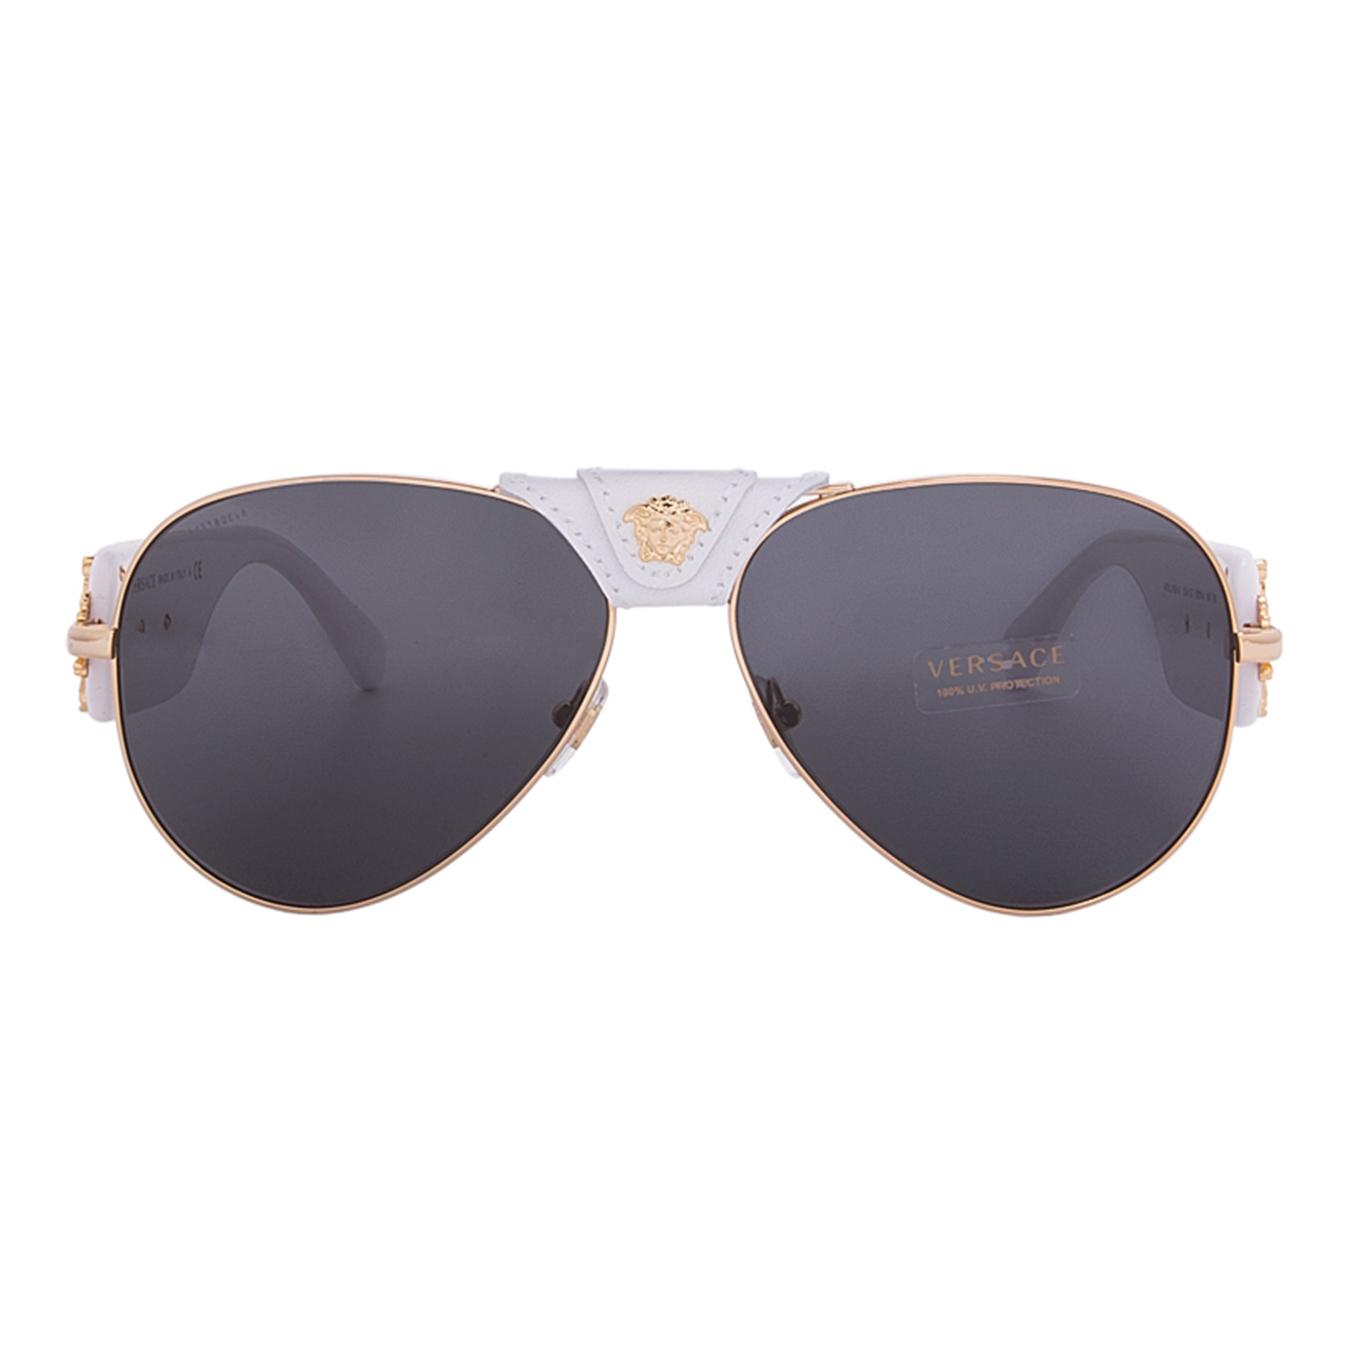 Frame glasses versace - Versace 2150q Medusa Sunglasses 1341 87 62 White Gold Leather Frame Grey Lenses